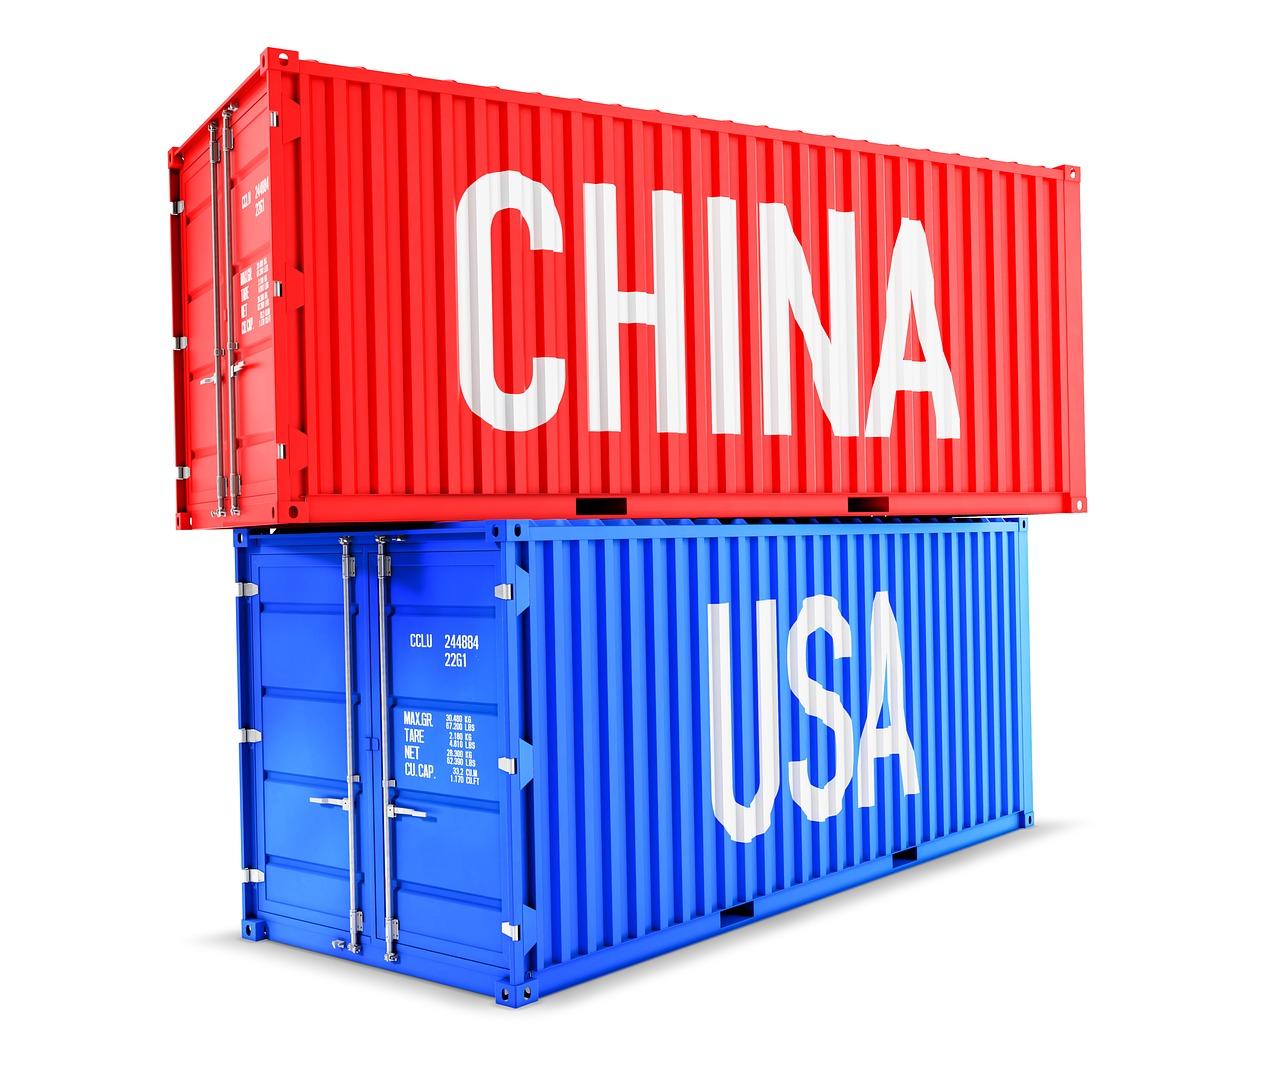 沃顿商学院:中国的区块链优势,美国能赶上吗?